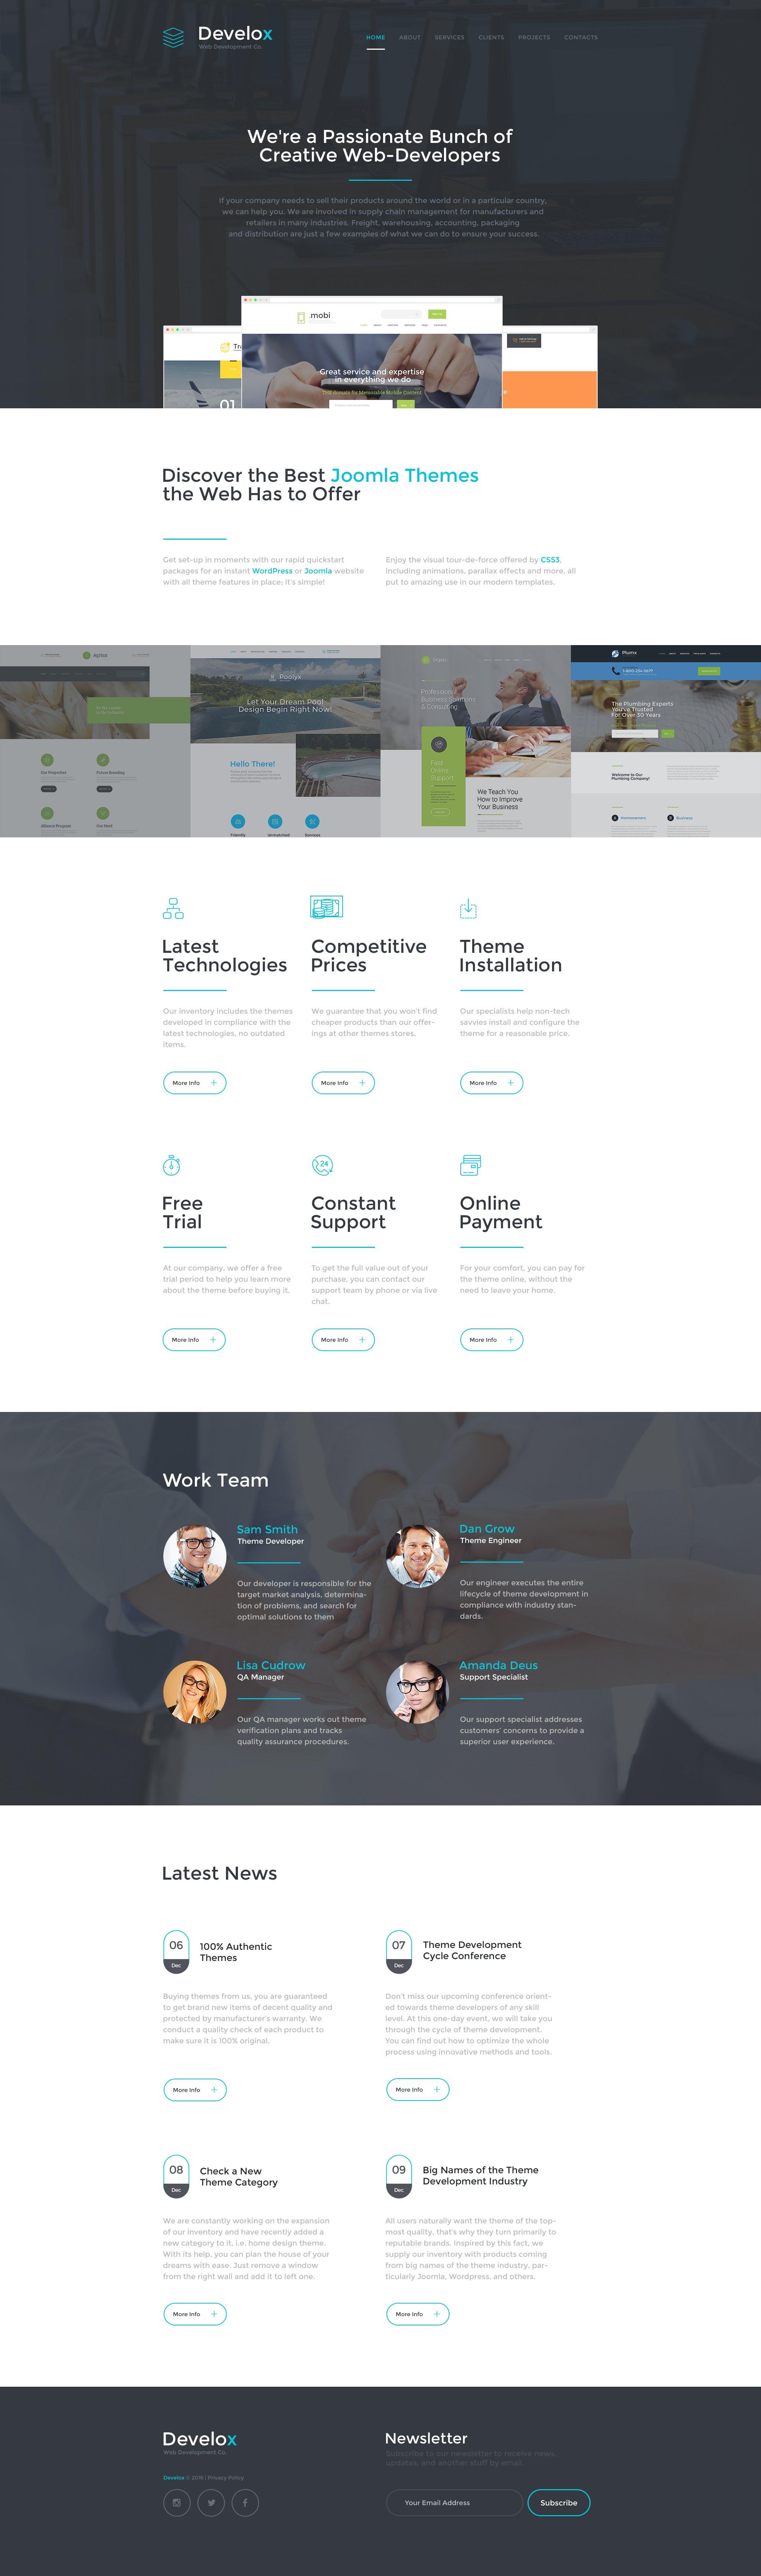 Develox Website Template